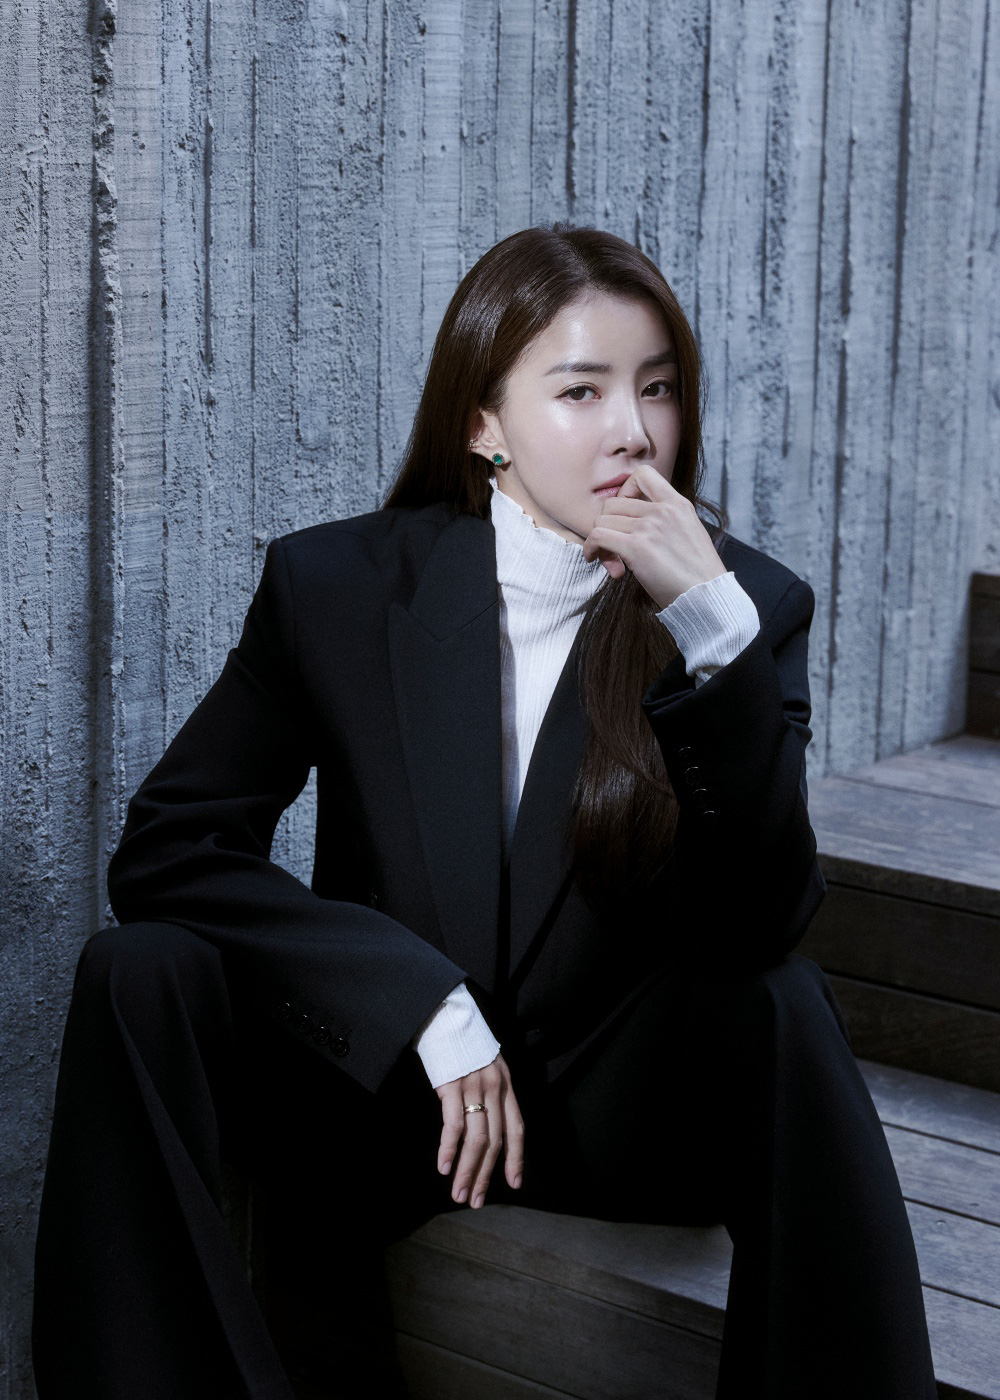 Mỹ nhân màn ảnh Hàn Quốc mê đấm bốc như điếu đổ - Ảnh 10.